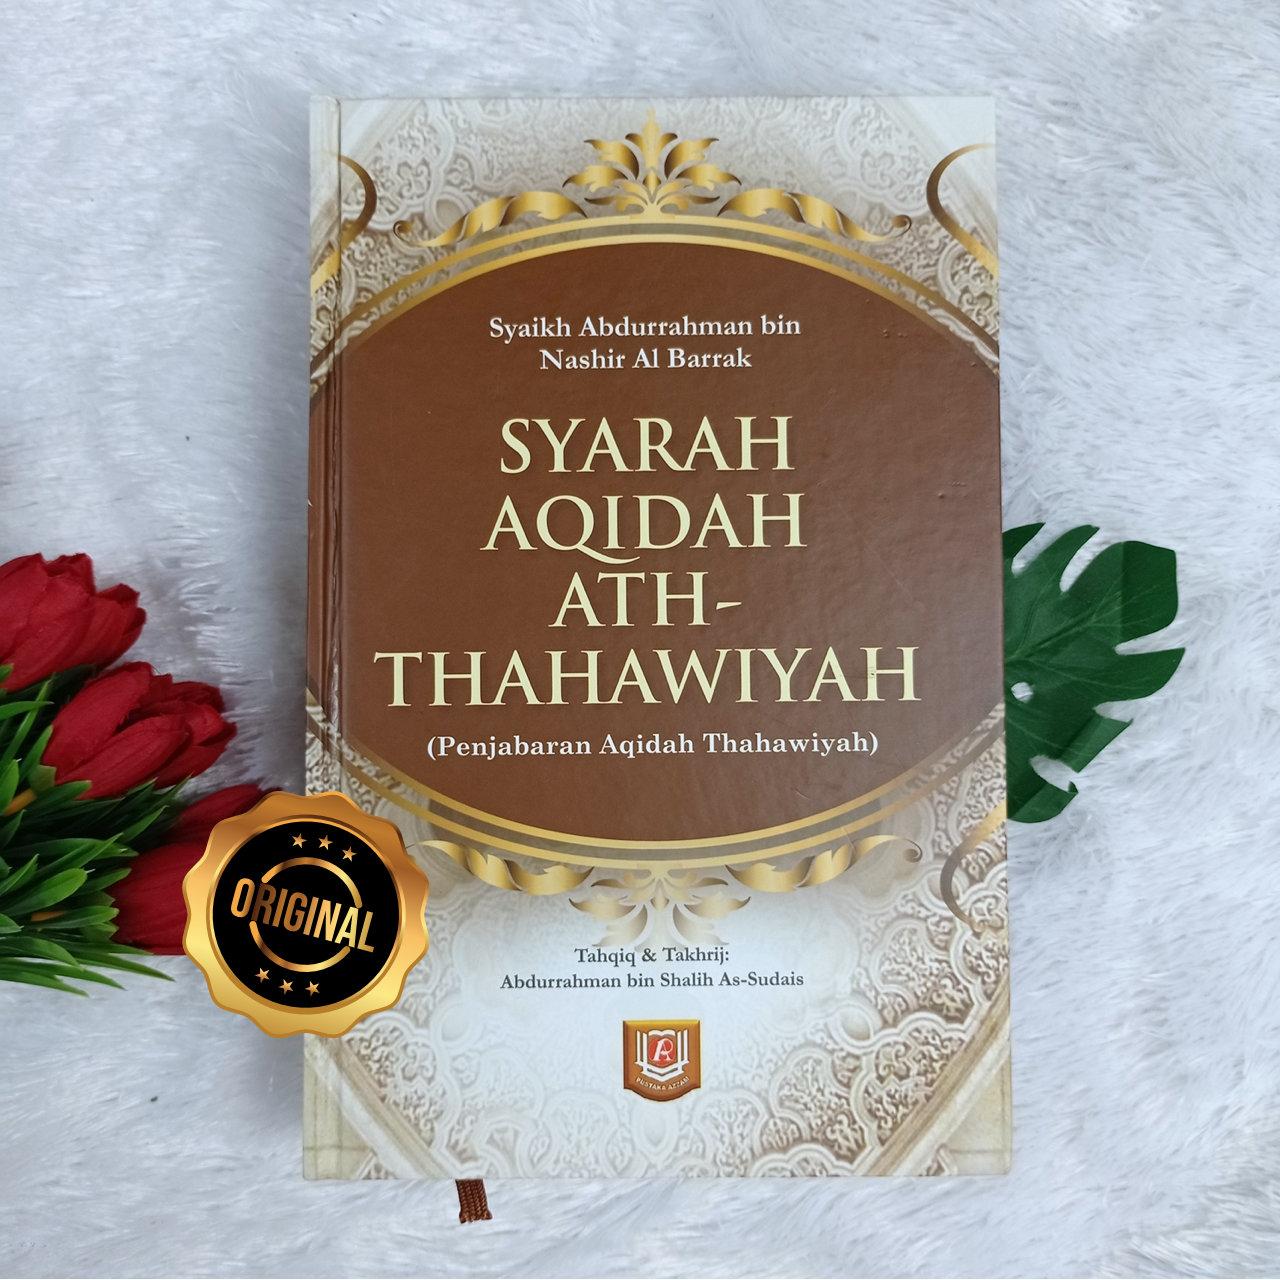 Buku Syarah Aqidah Ath-Thahawiyah Penjabaran Lengkap